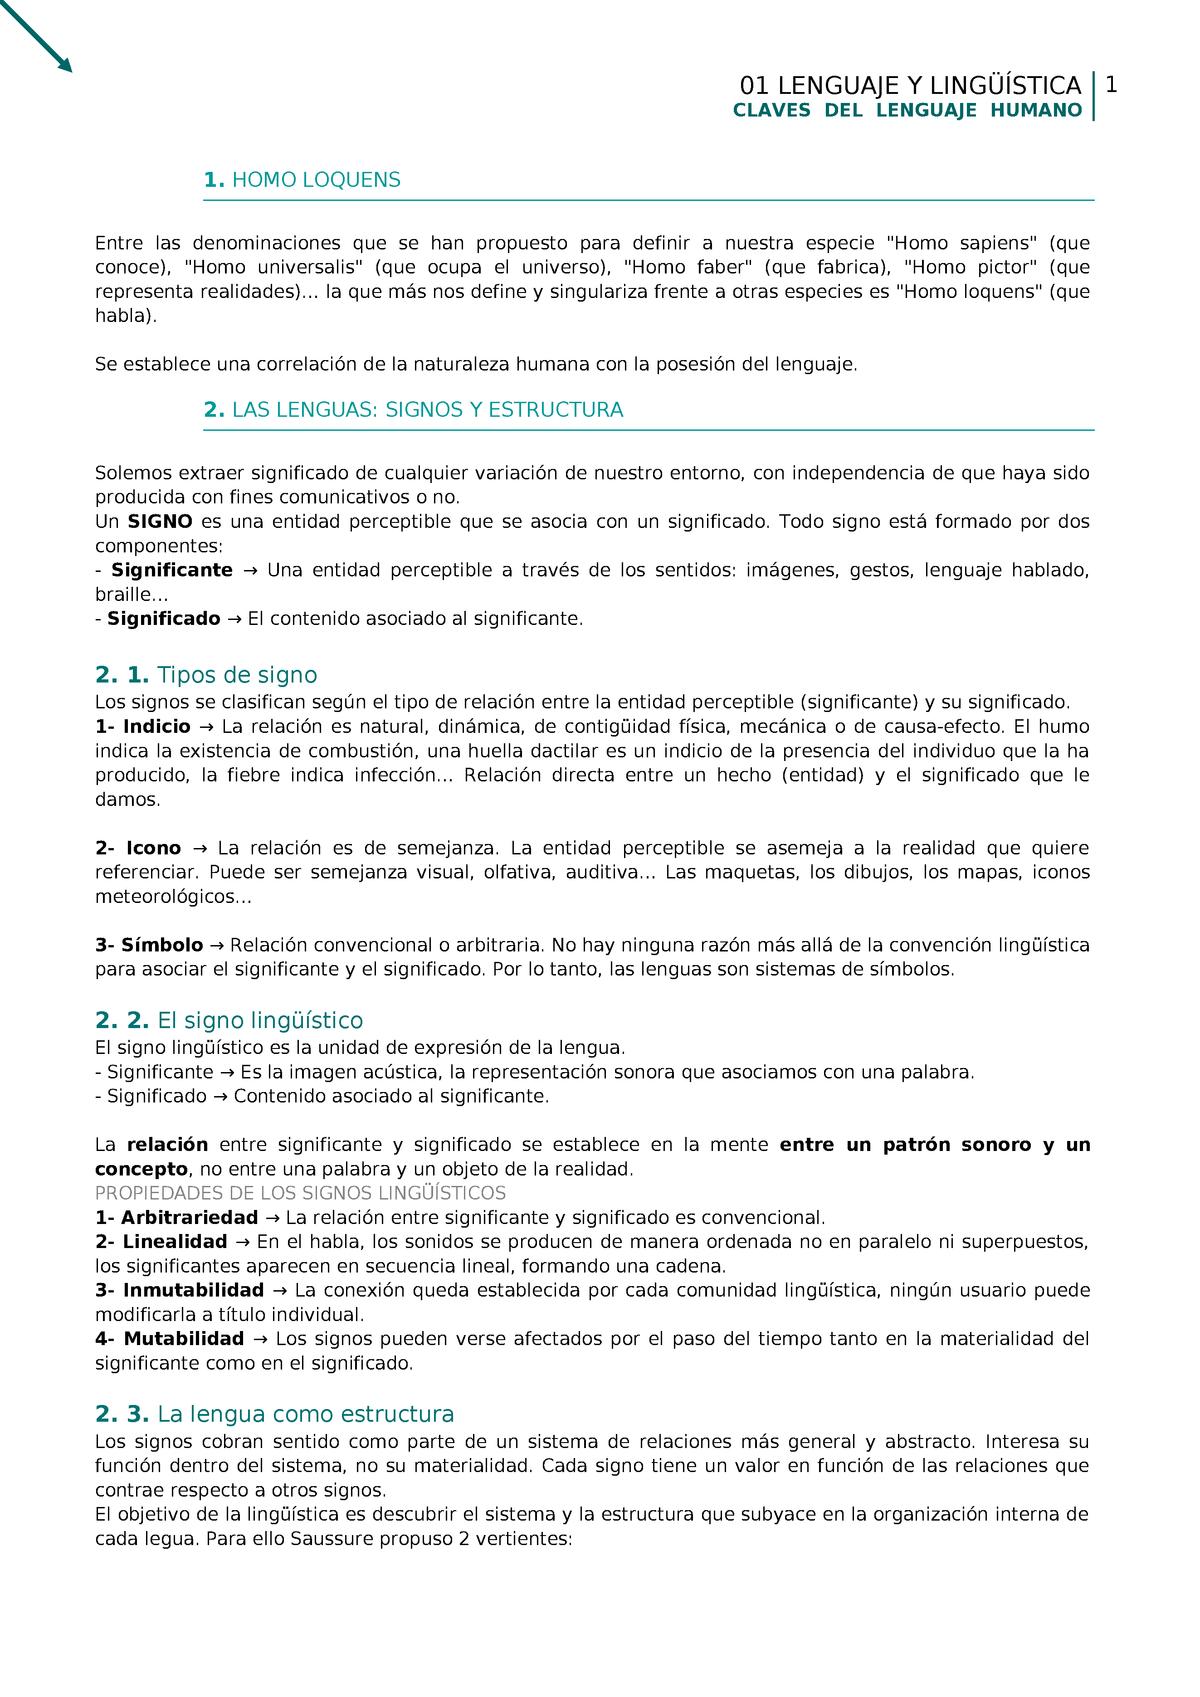 01 Lenguaje Y Lingüística 64901019 Uned Studocu